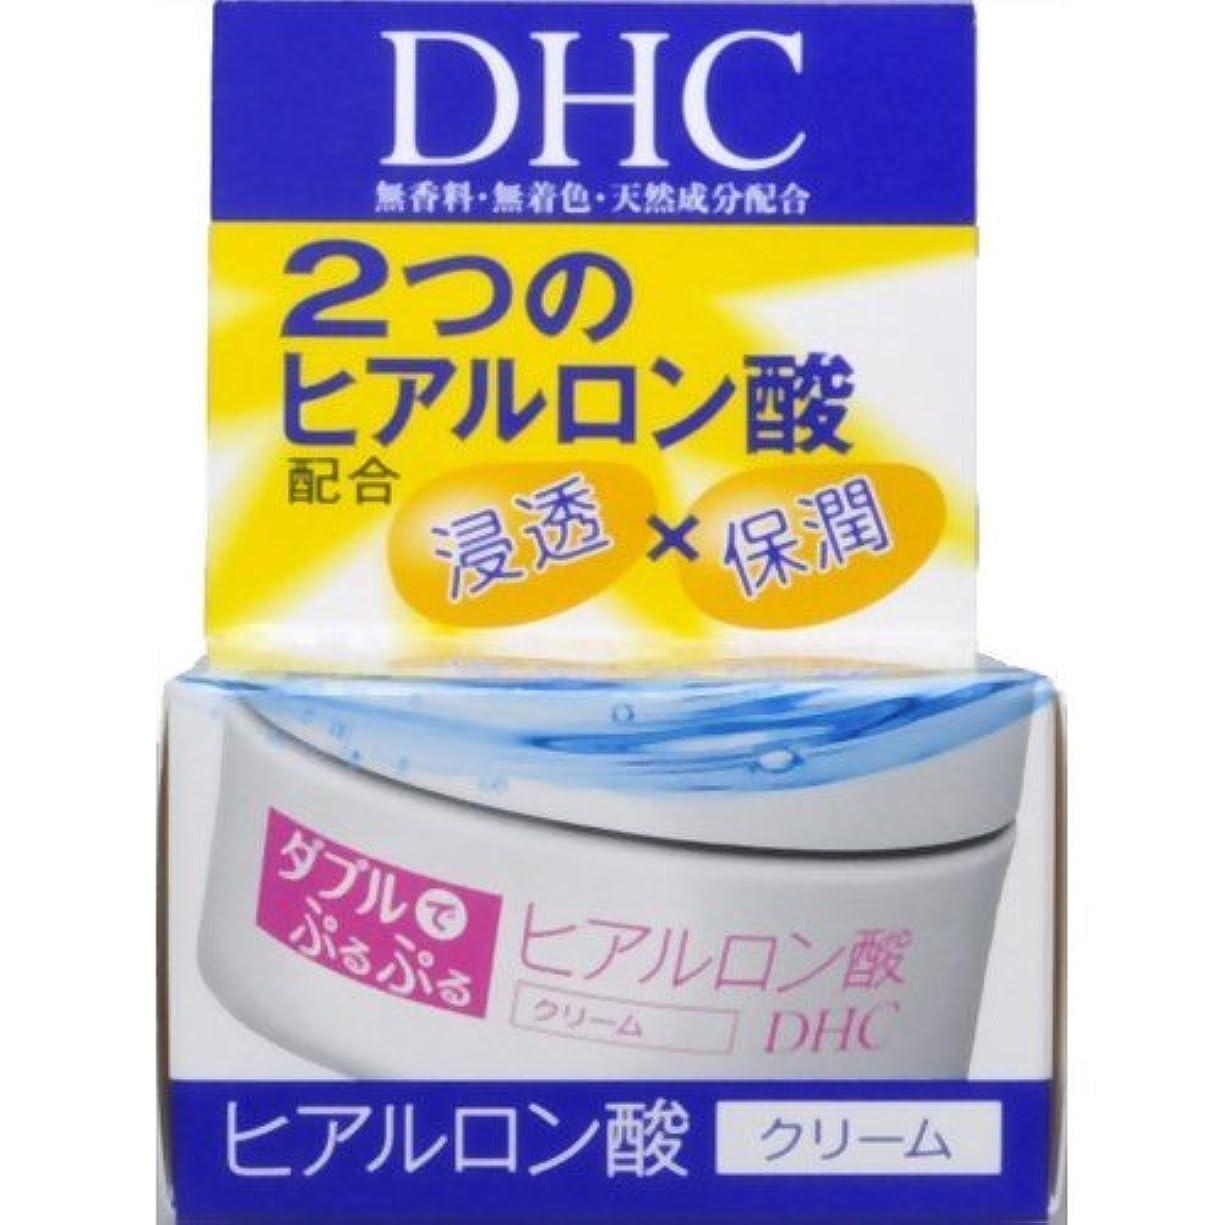 しばしば強度チャンピオンDHC ダブルモイスチュアクリーム 50g